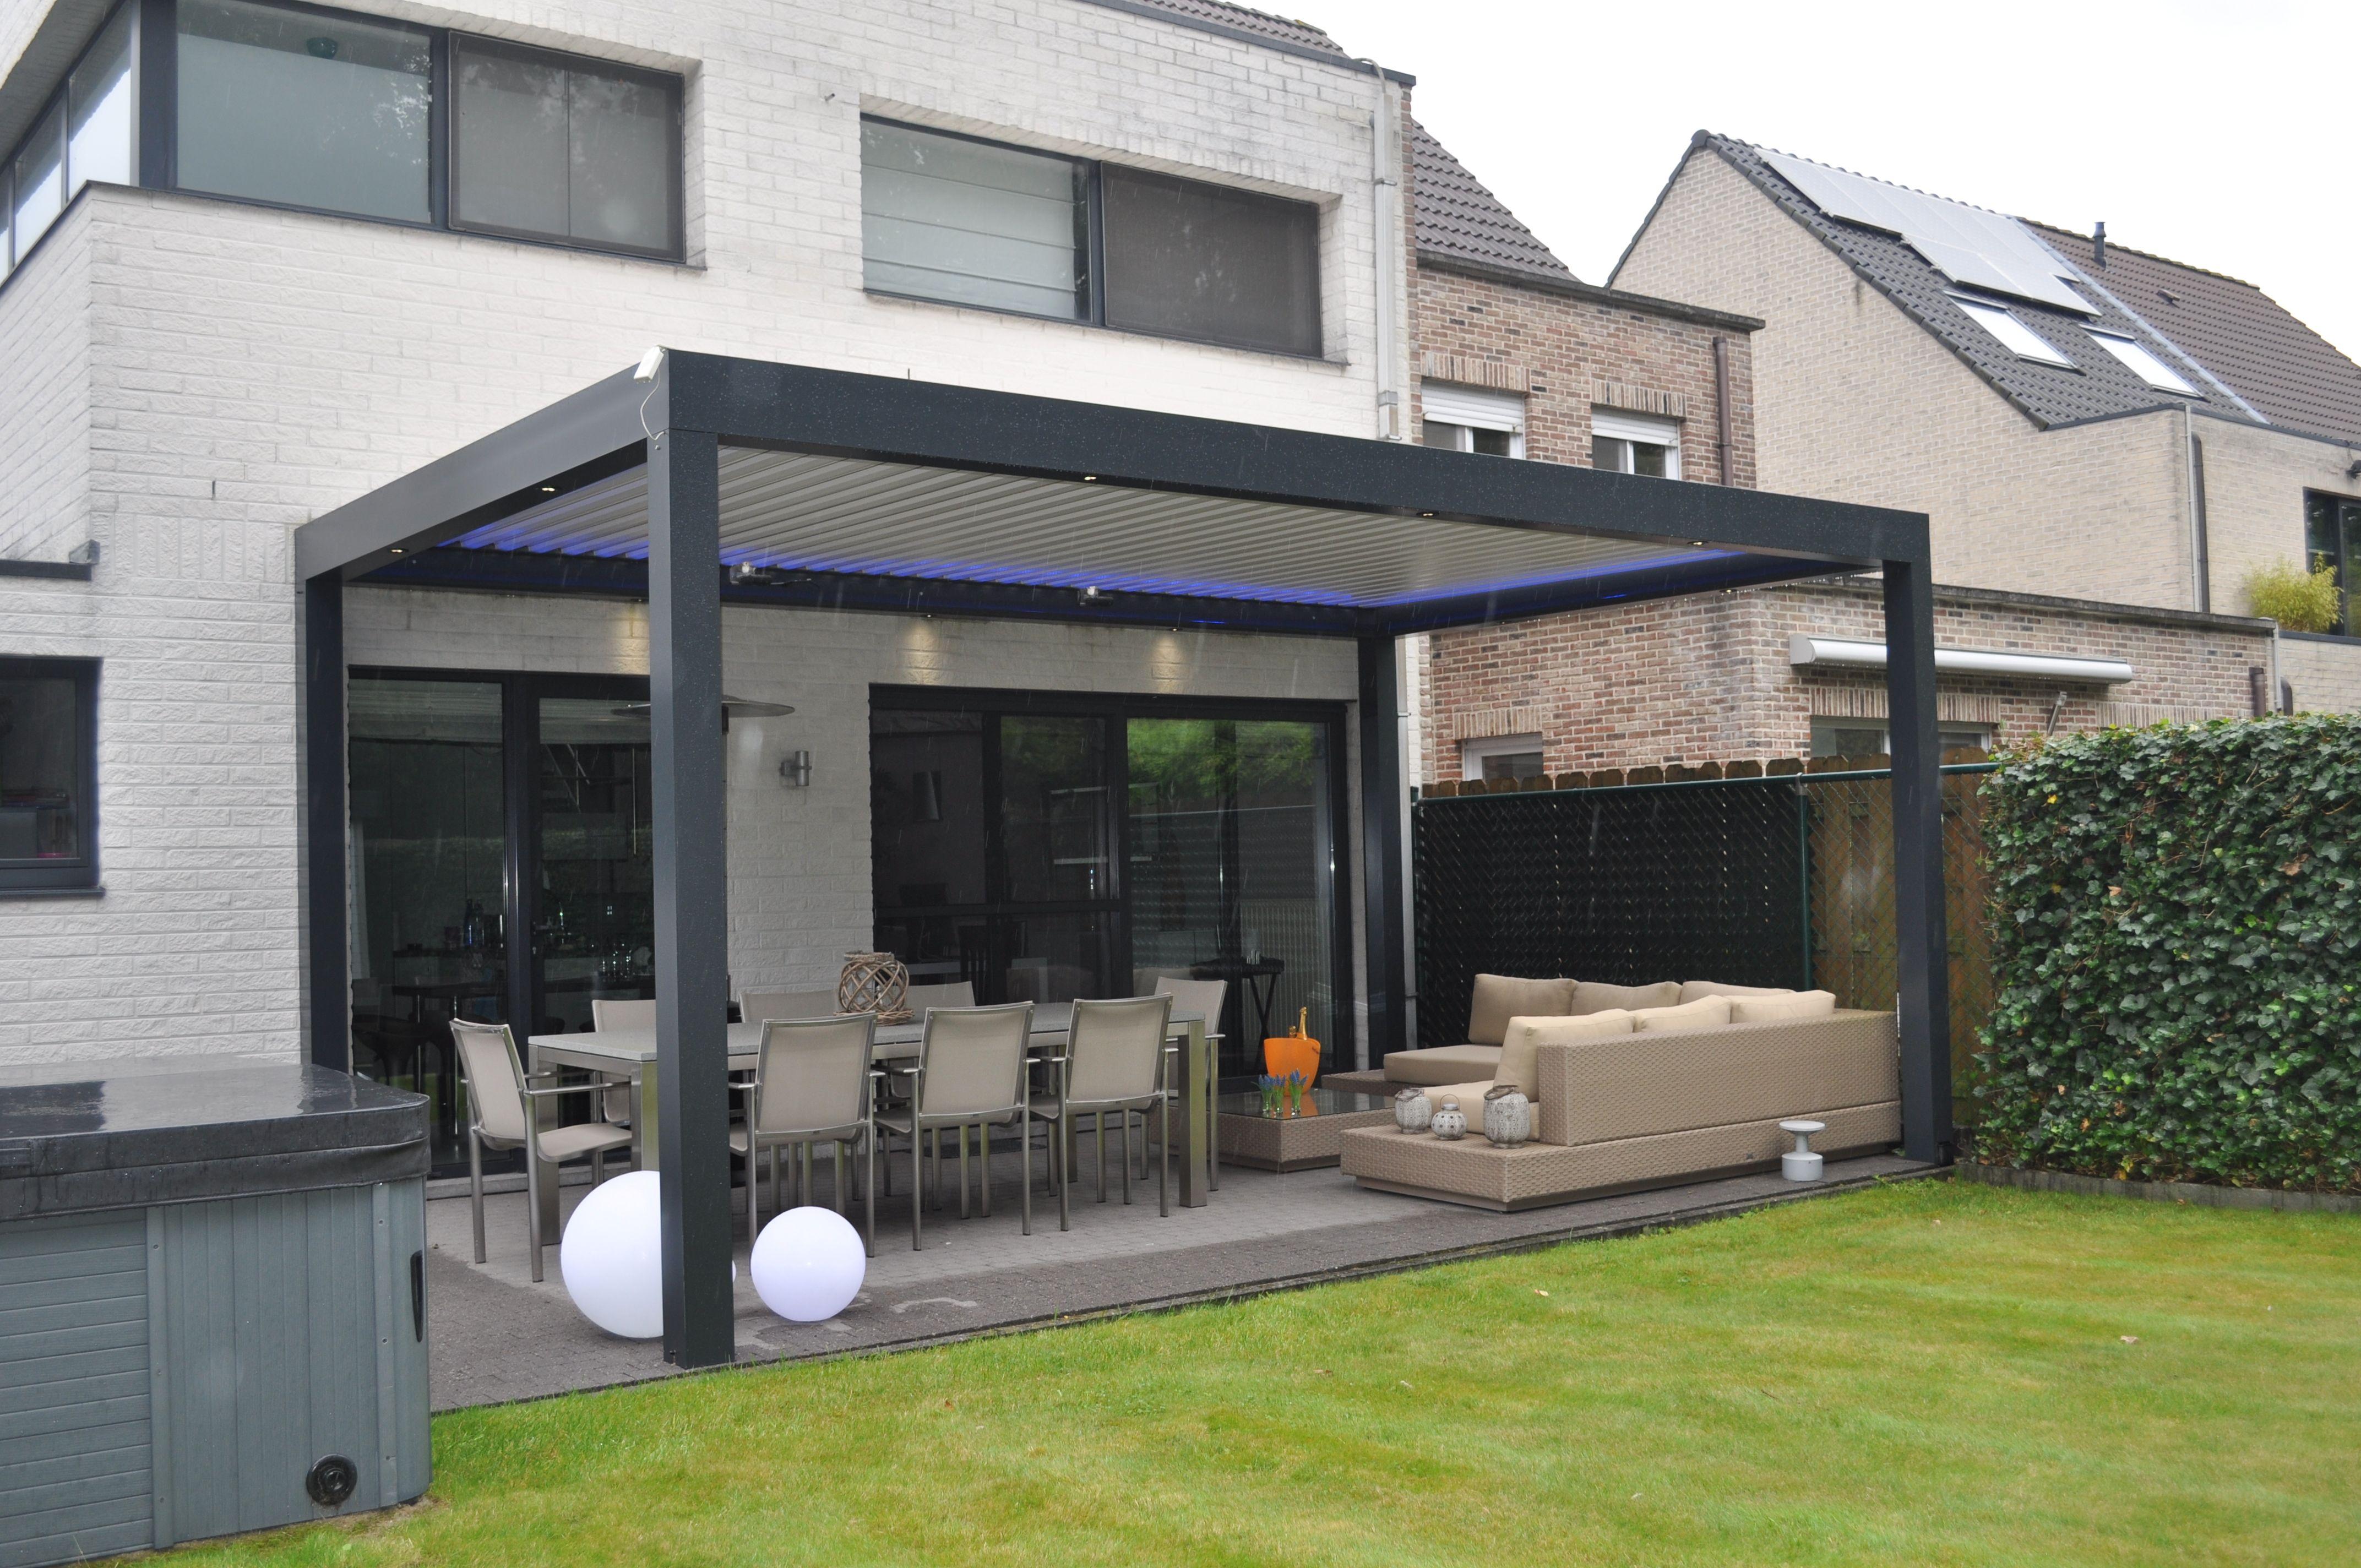 Biossun Benelux Project Terrasoverkapping Pergola Couverture De Terrasse Met Avec Gezellige Zithoek En Uberdachung Garten Terrasse Mit Pergola Garten Terrasse